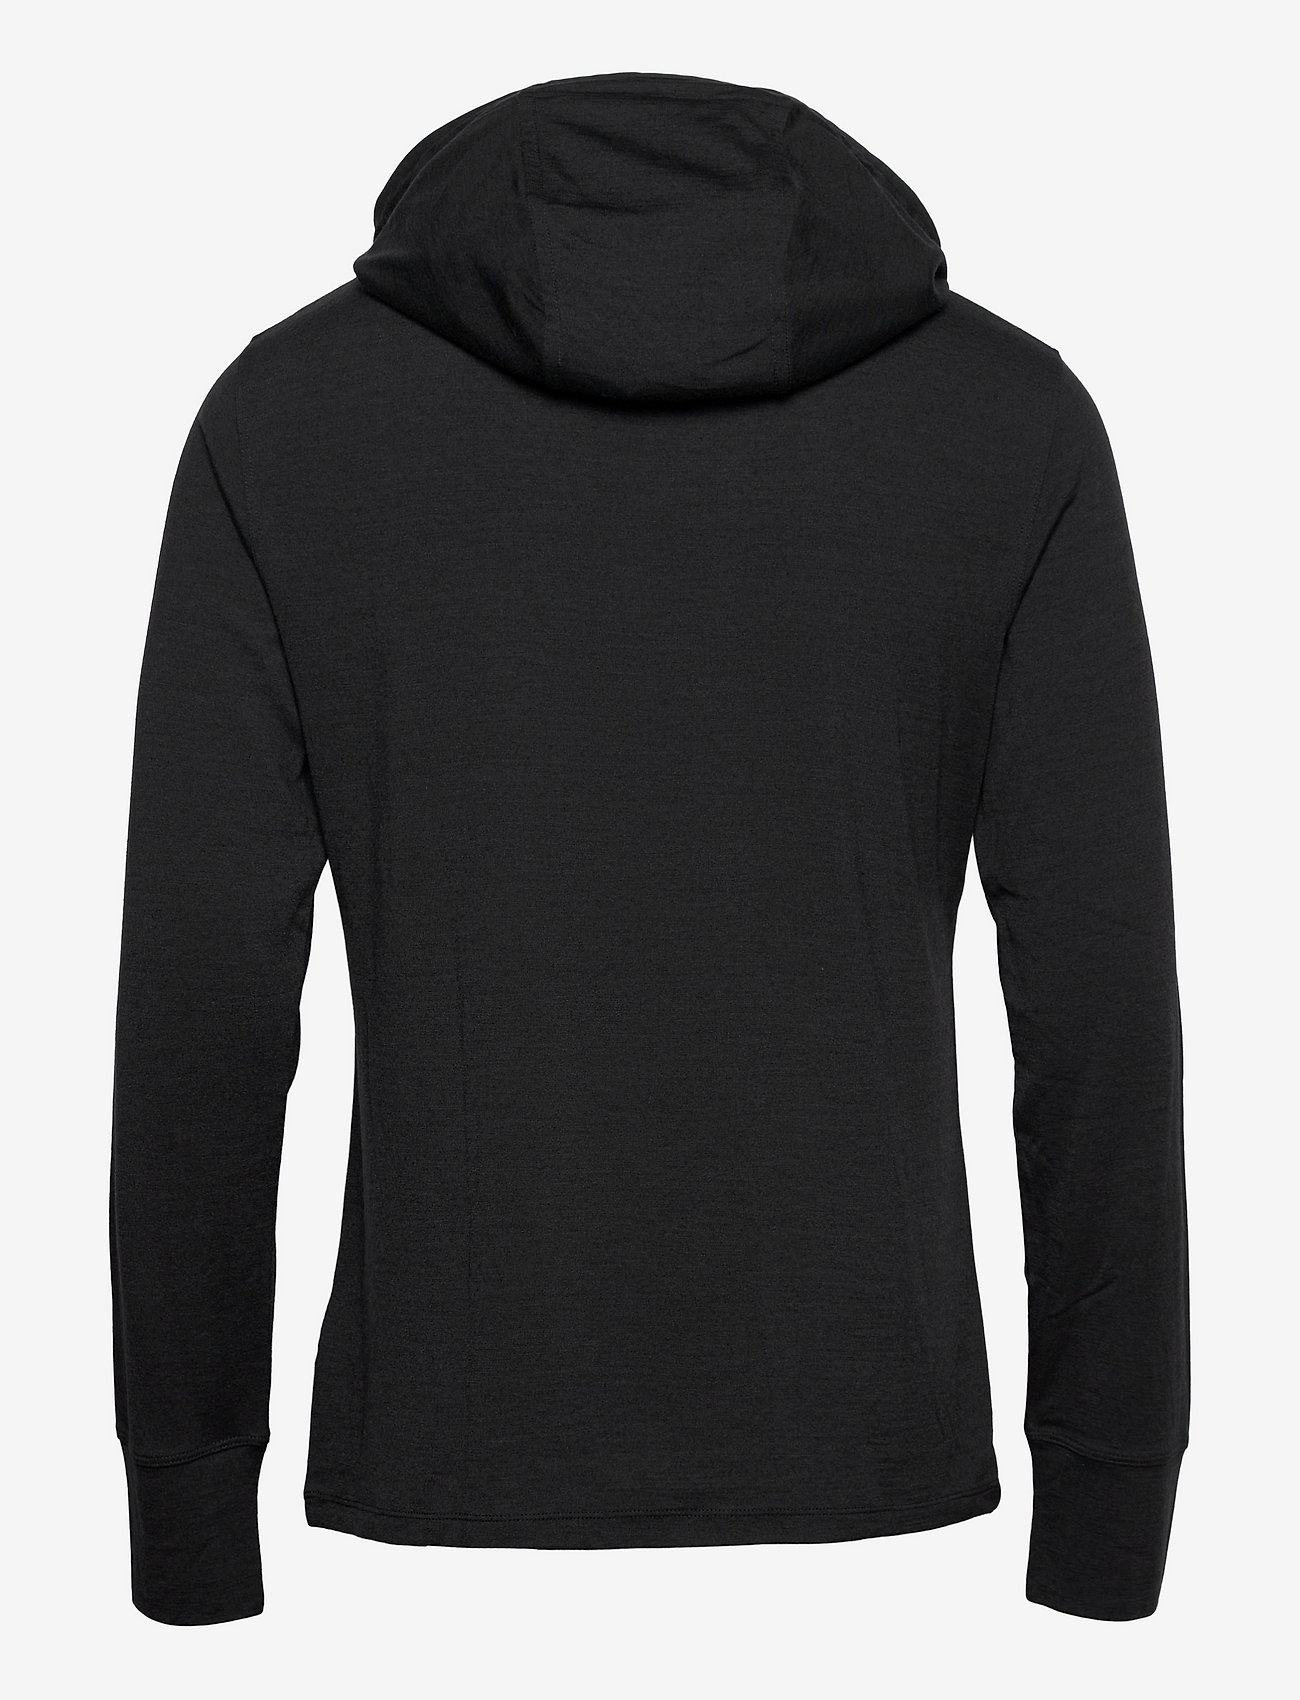 super.natural - M ALPINE HOODED - fleece - jet black melange/vapor grey logo - 1